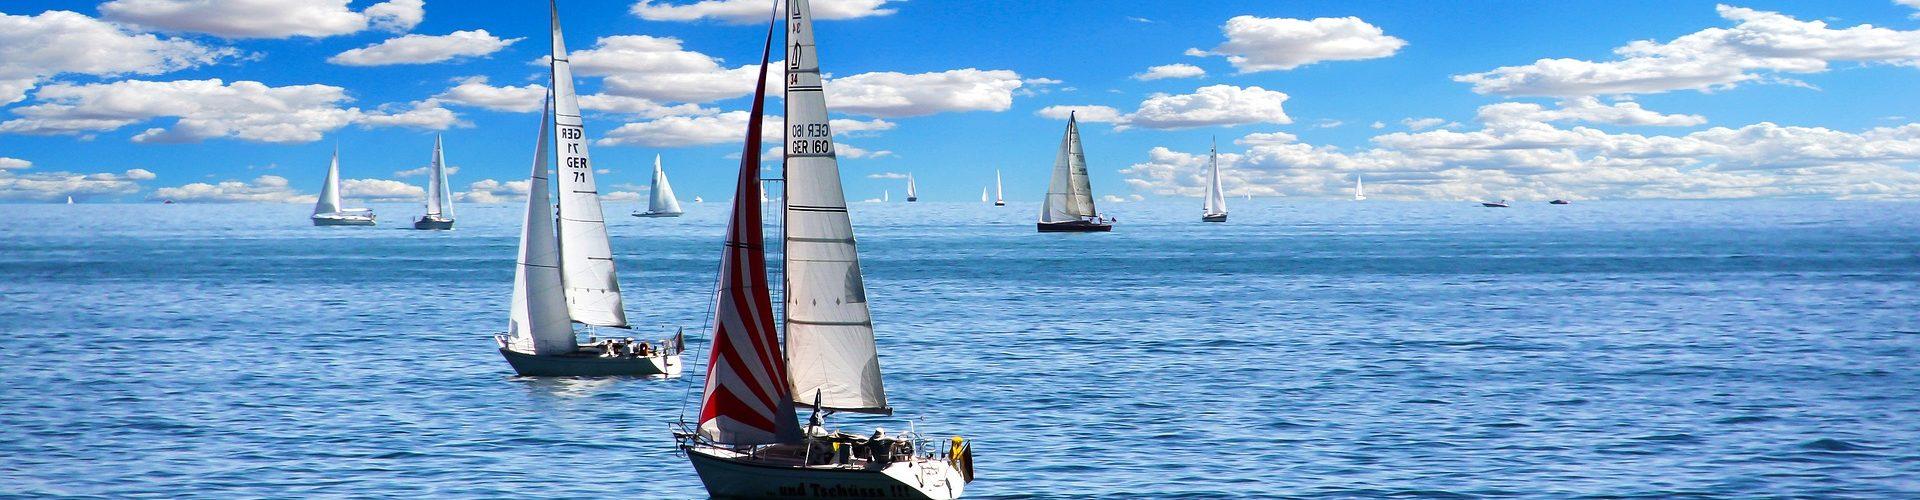 segeln lernen in Simmerath segelschein machen in Simmerath 1920x500 - Segeln lernen in Simmerath